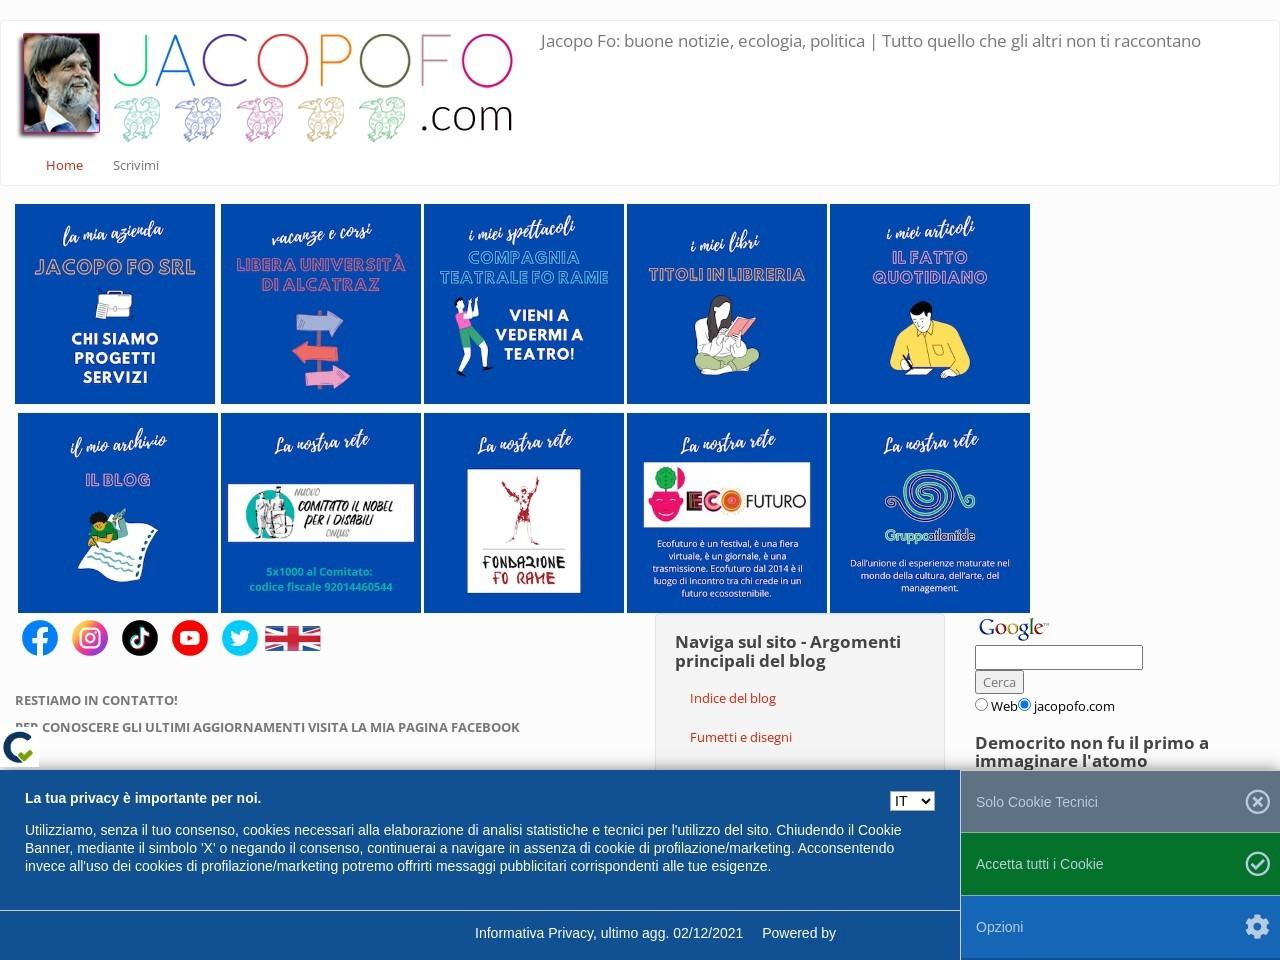 jacopofo-com